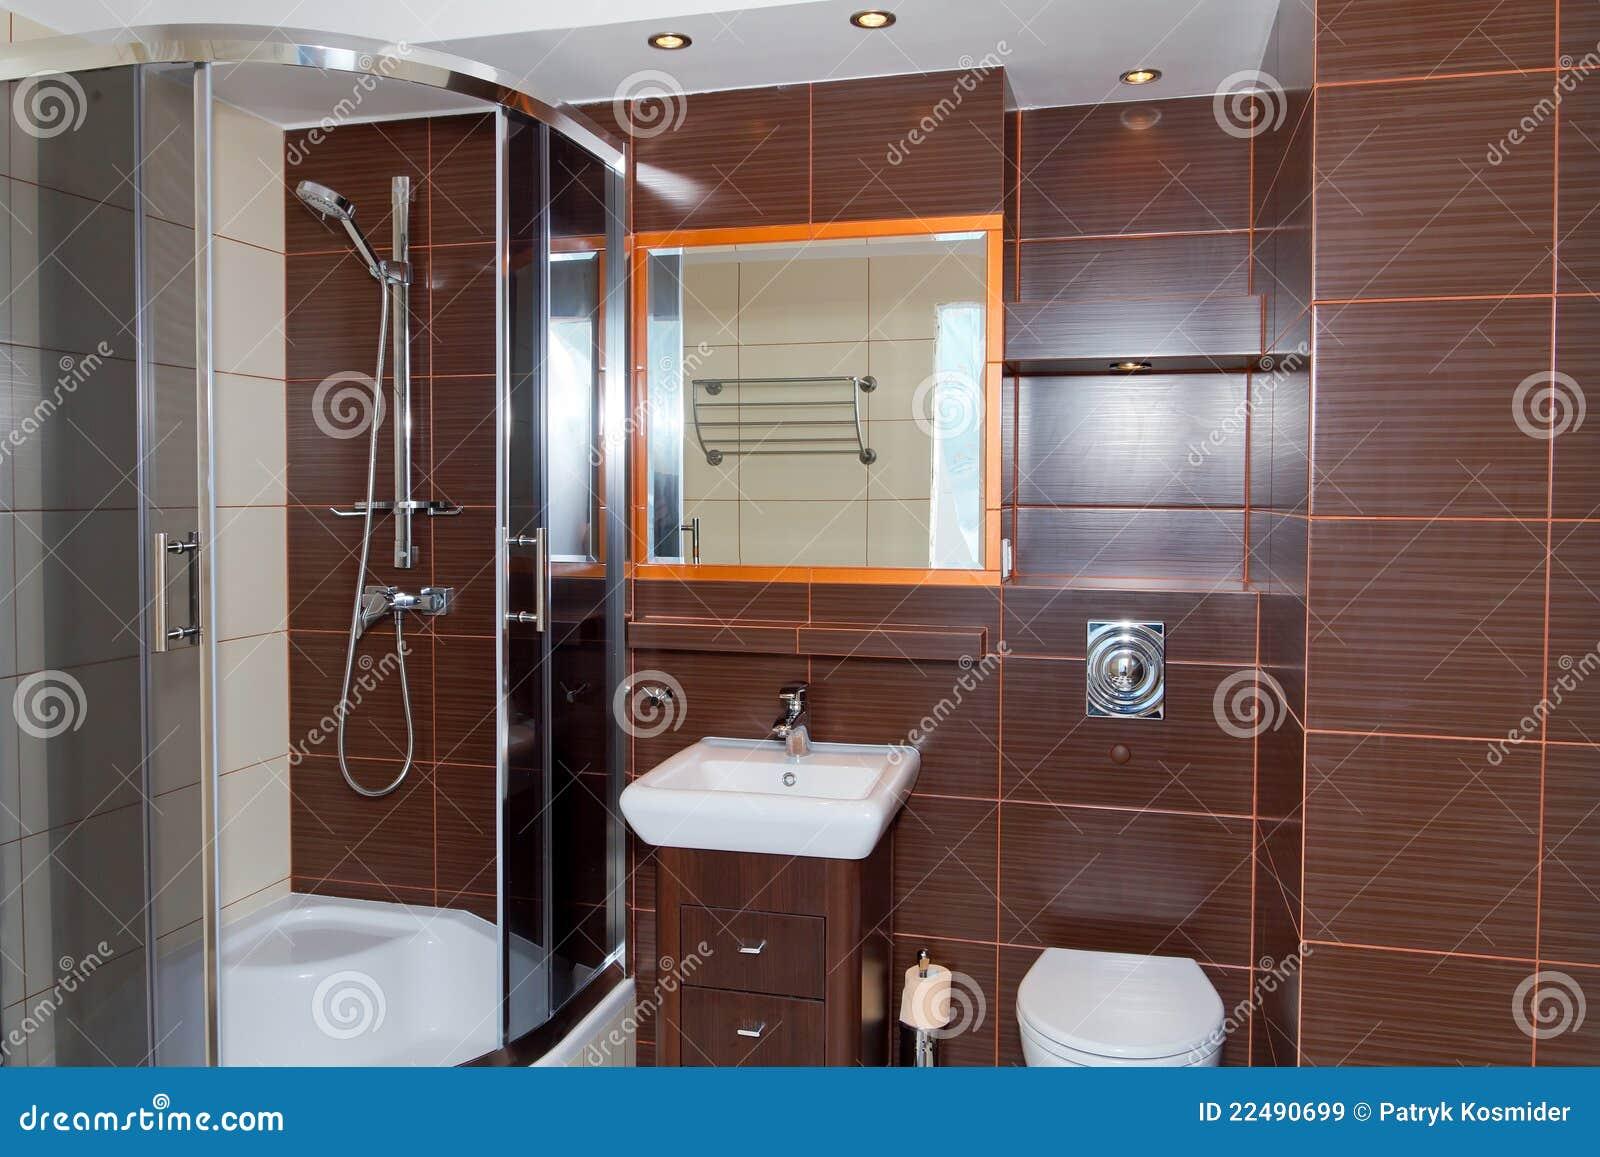 Brun mörk interior för badrum royaltyfria bilder   bild: 22490699